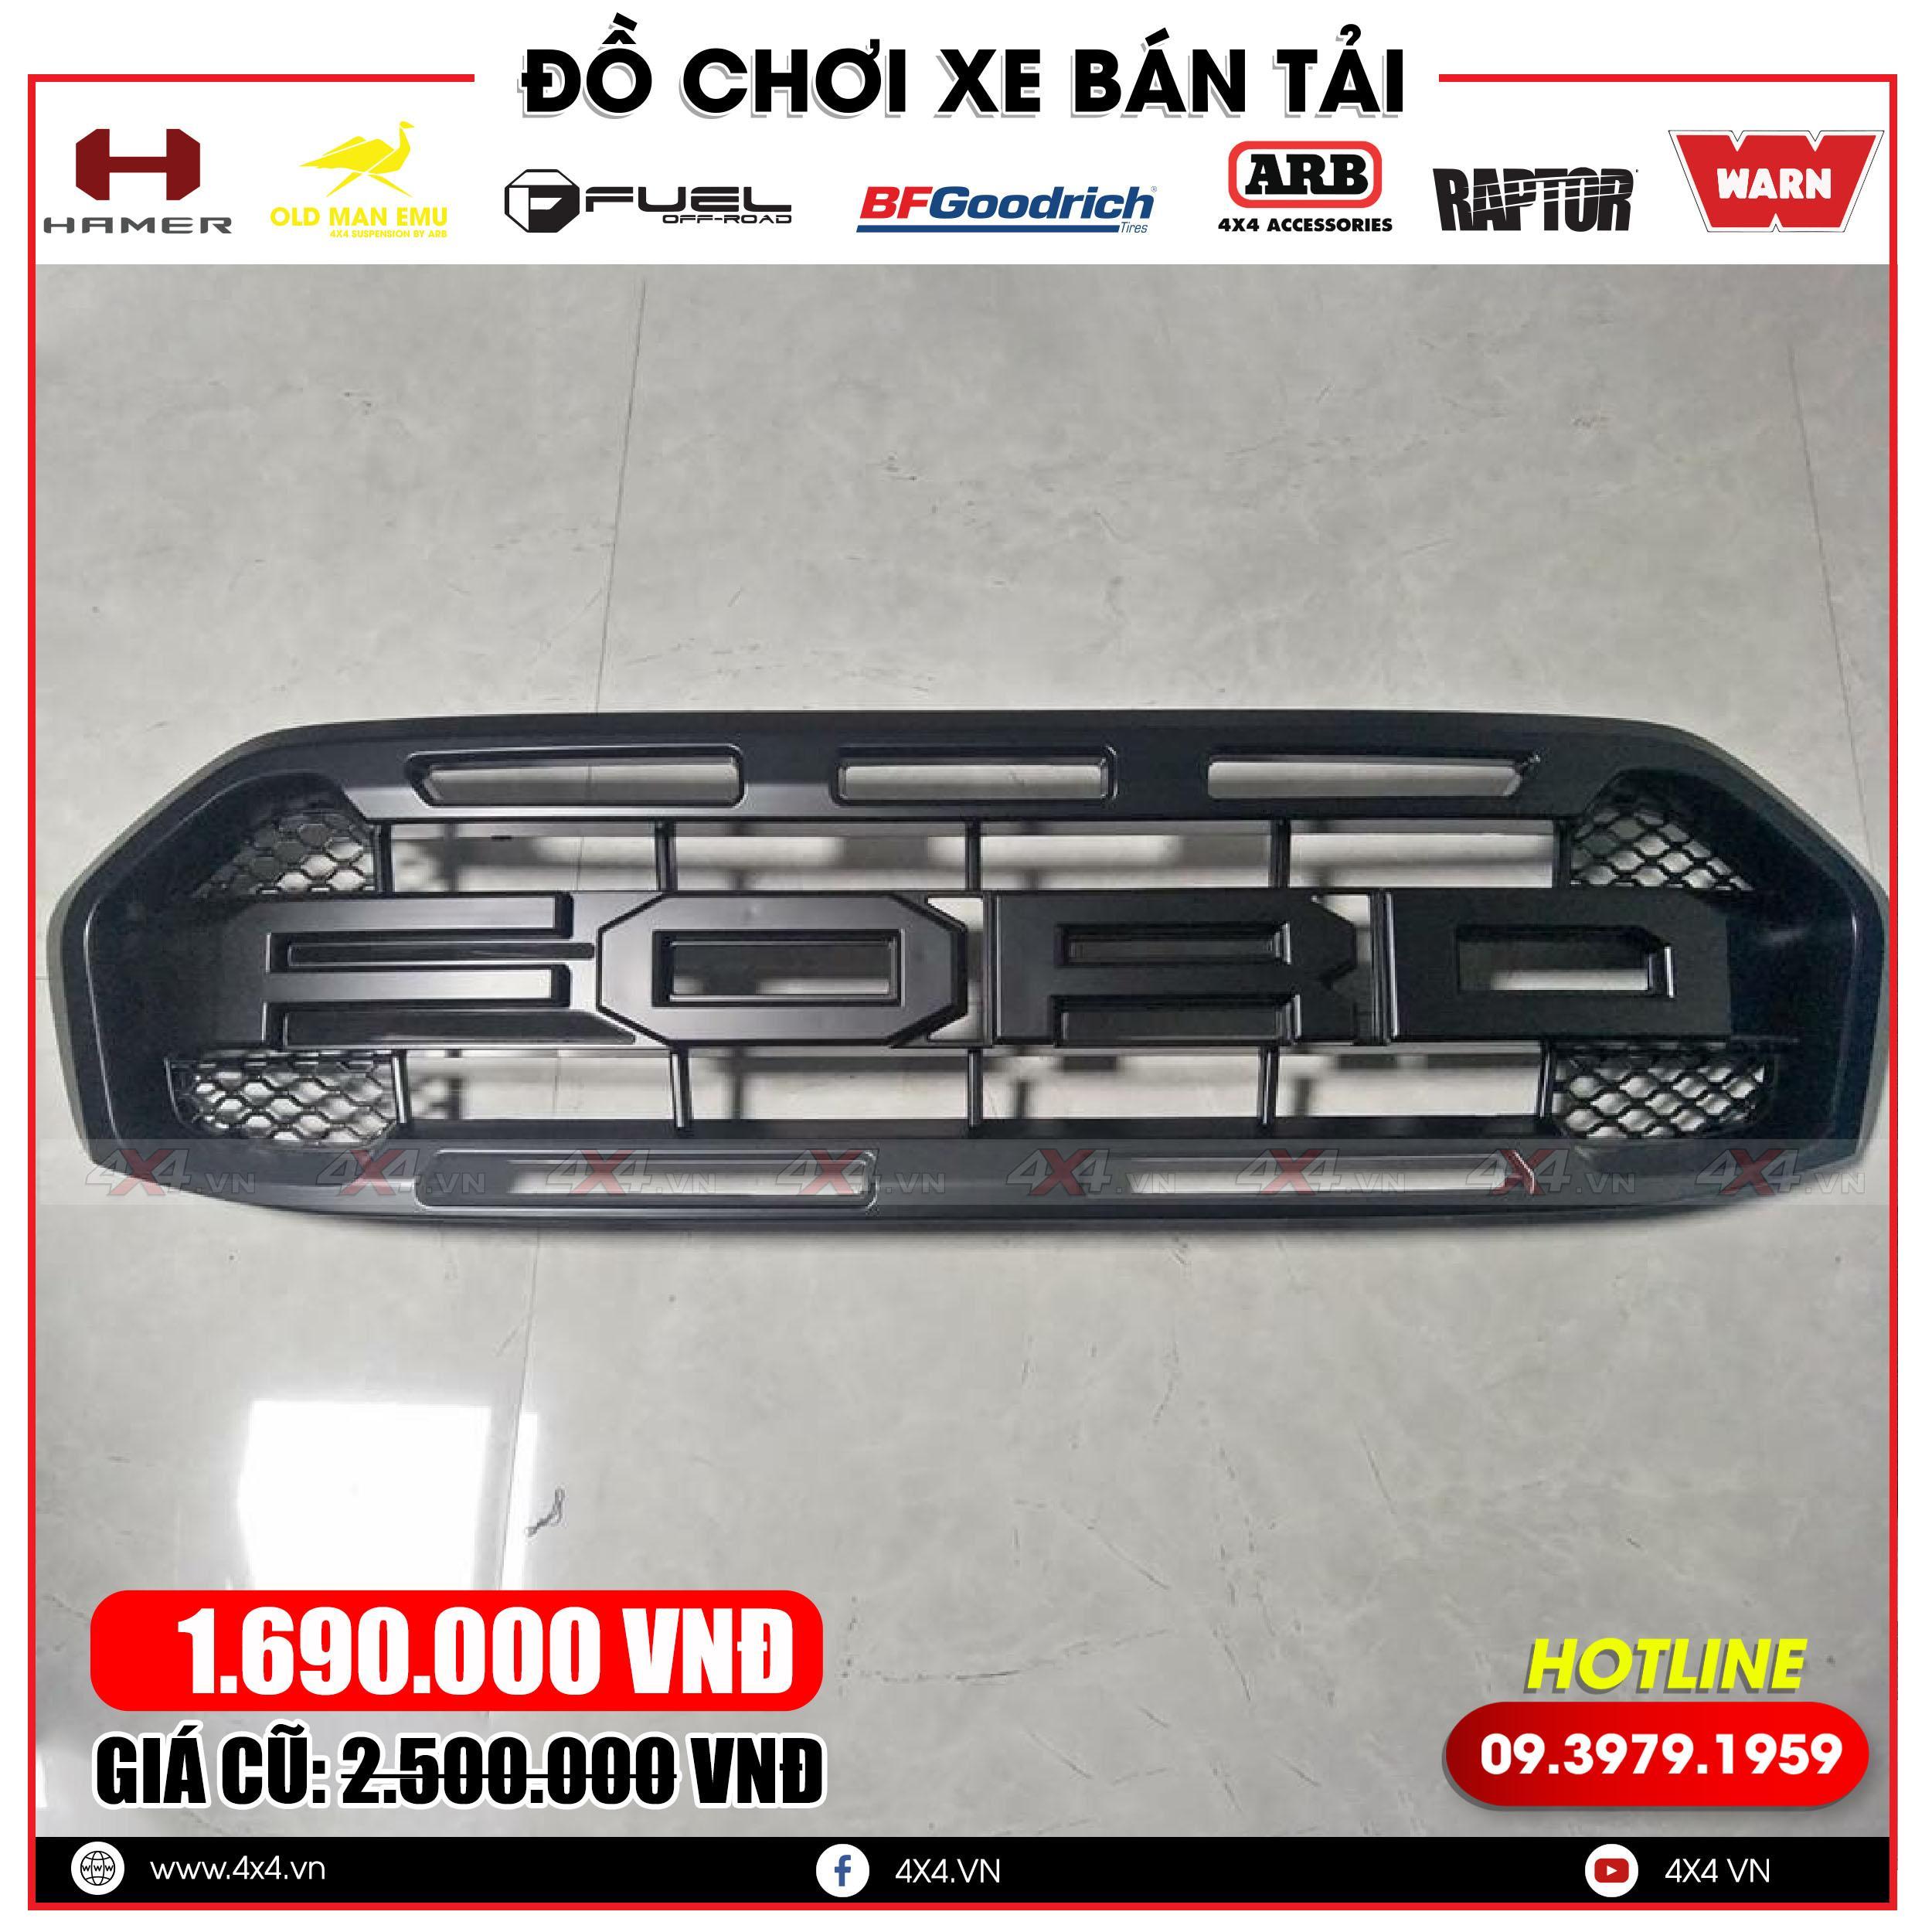 Mặt nạ độ ford ranger: mặt nạ độ hầm hố và đẳng cấp cho dòng xe ford Ranger XLS, XLT